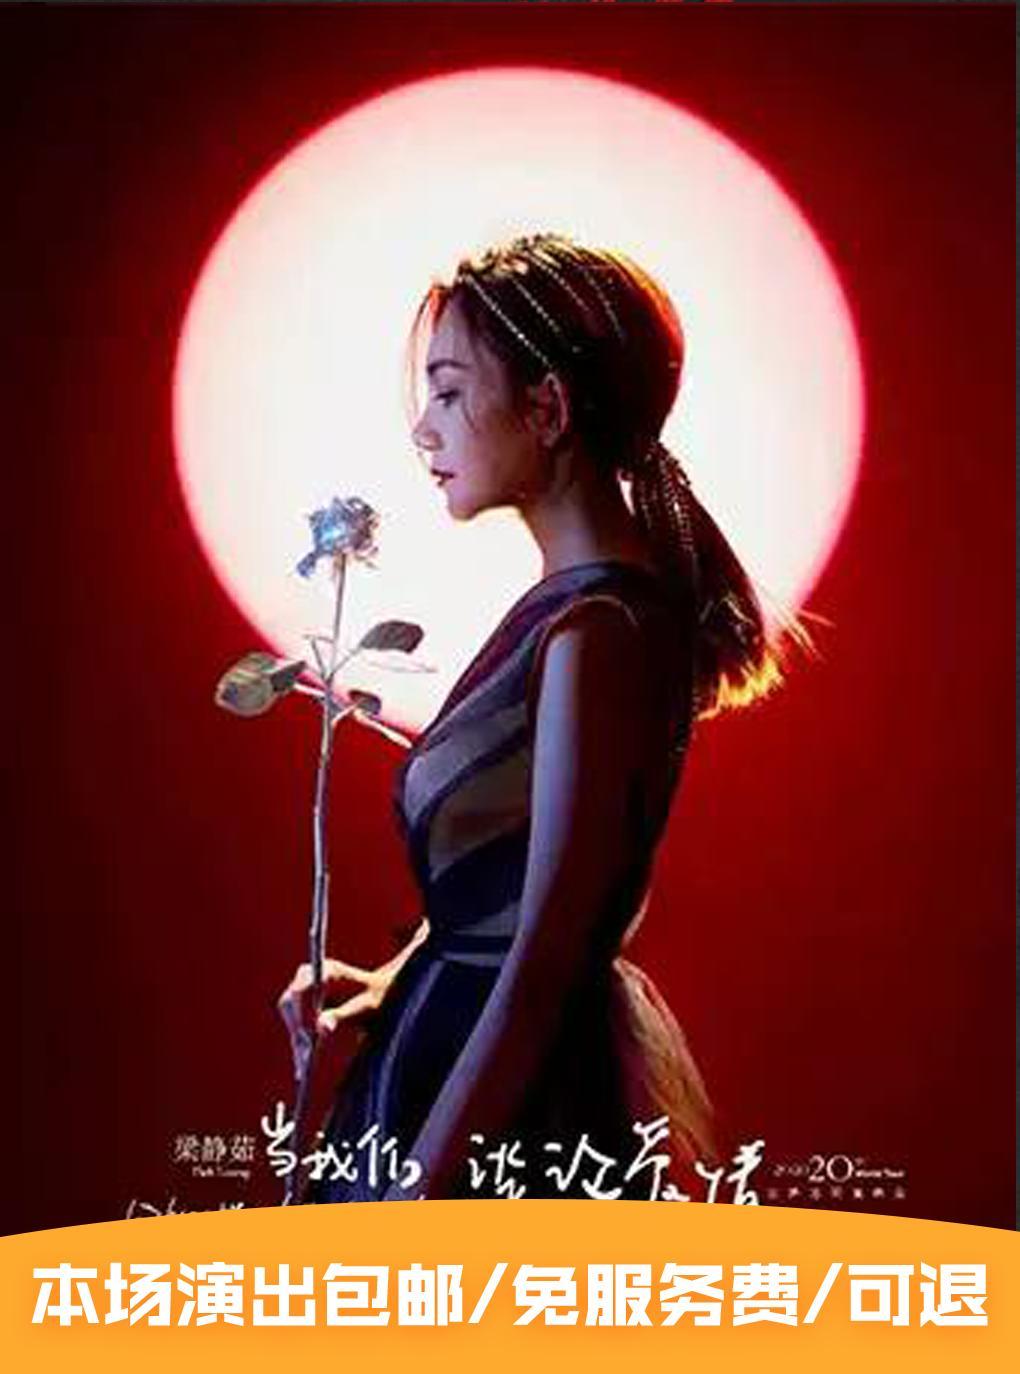 【演出时间待定】梁静茹演唱会上海站